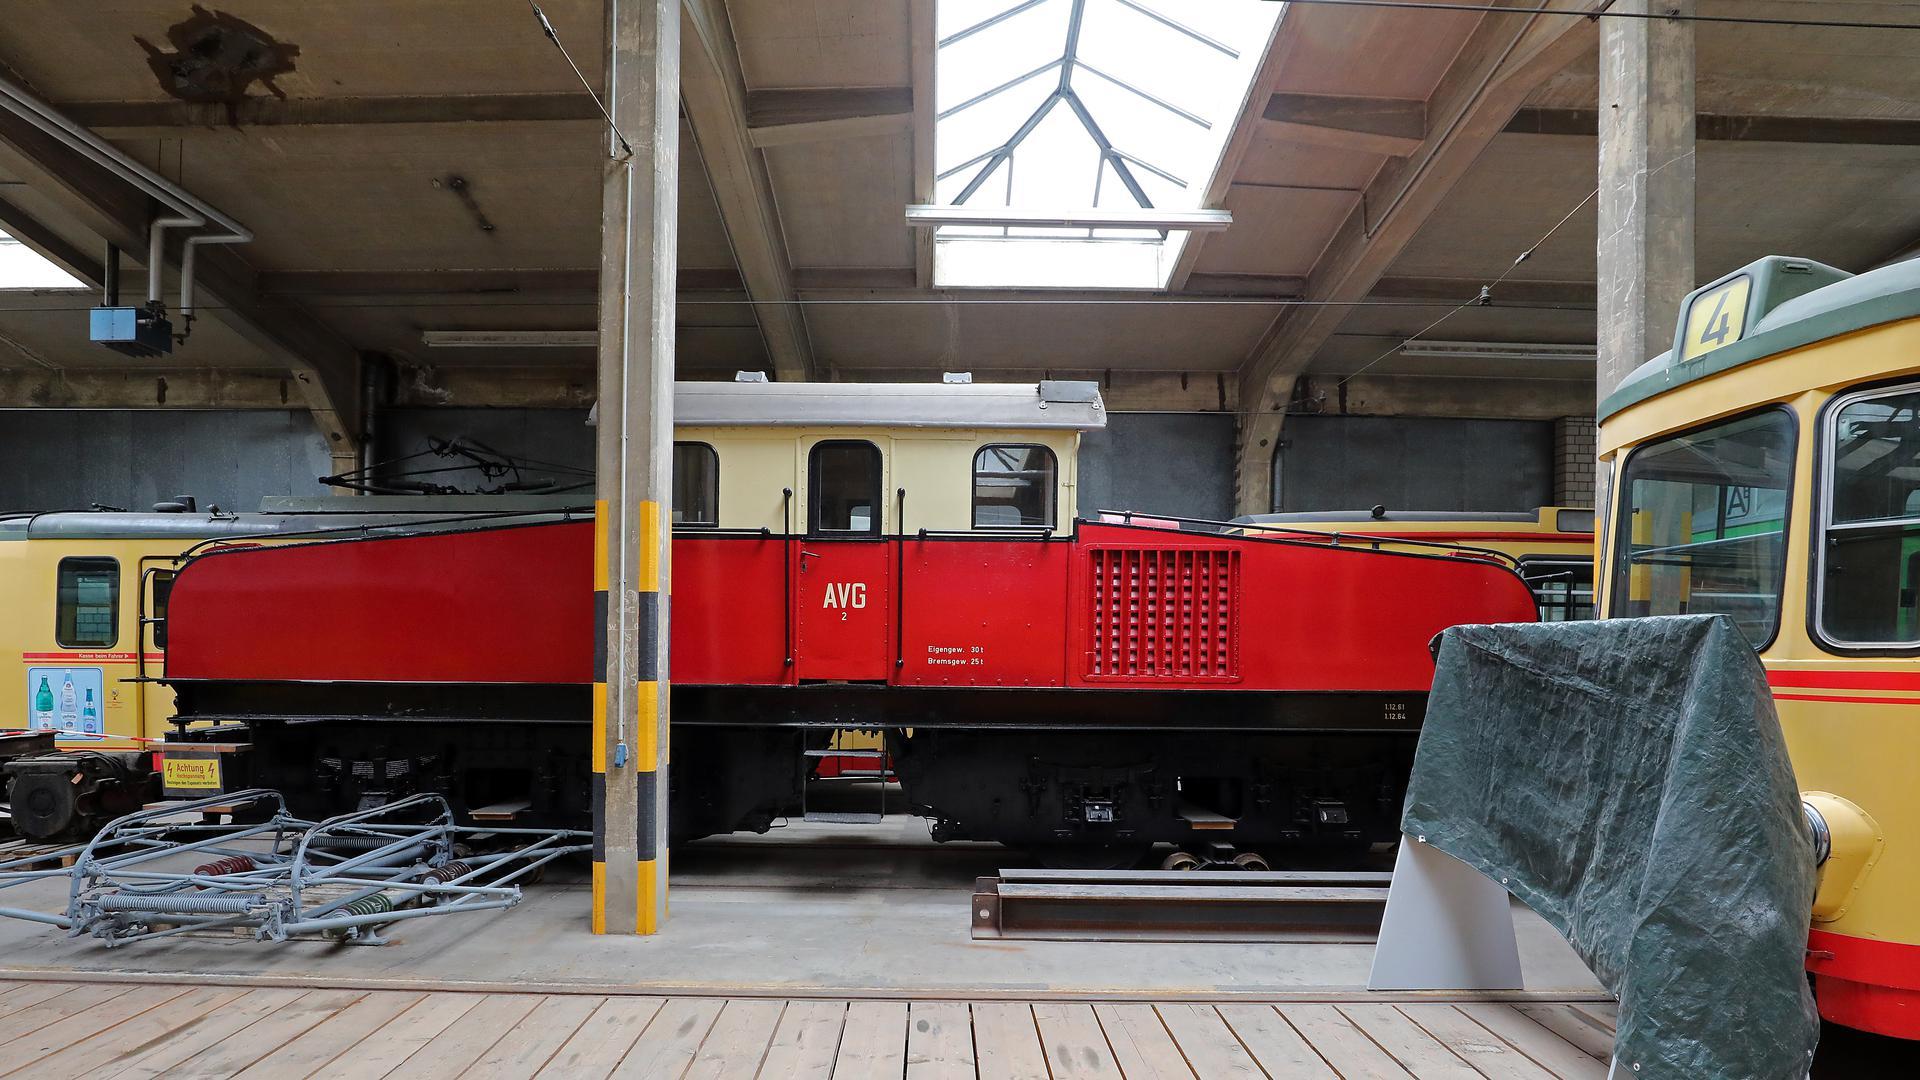 Technik-Fossil: Die 1910 gebaute E-Lok 2 war in der Frühzeit der Elektrifizierung im Albtal unterwegs. Jahrelang stand sie als Denkmal am Albtalbahnhof.